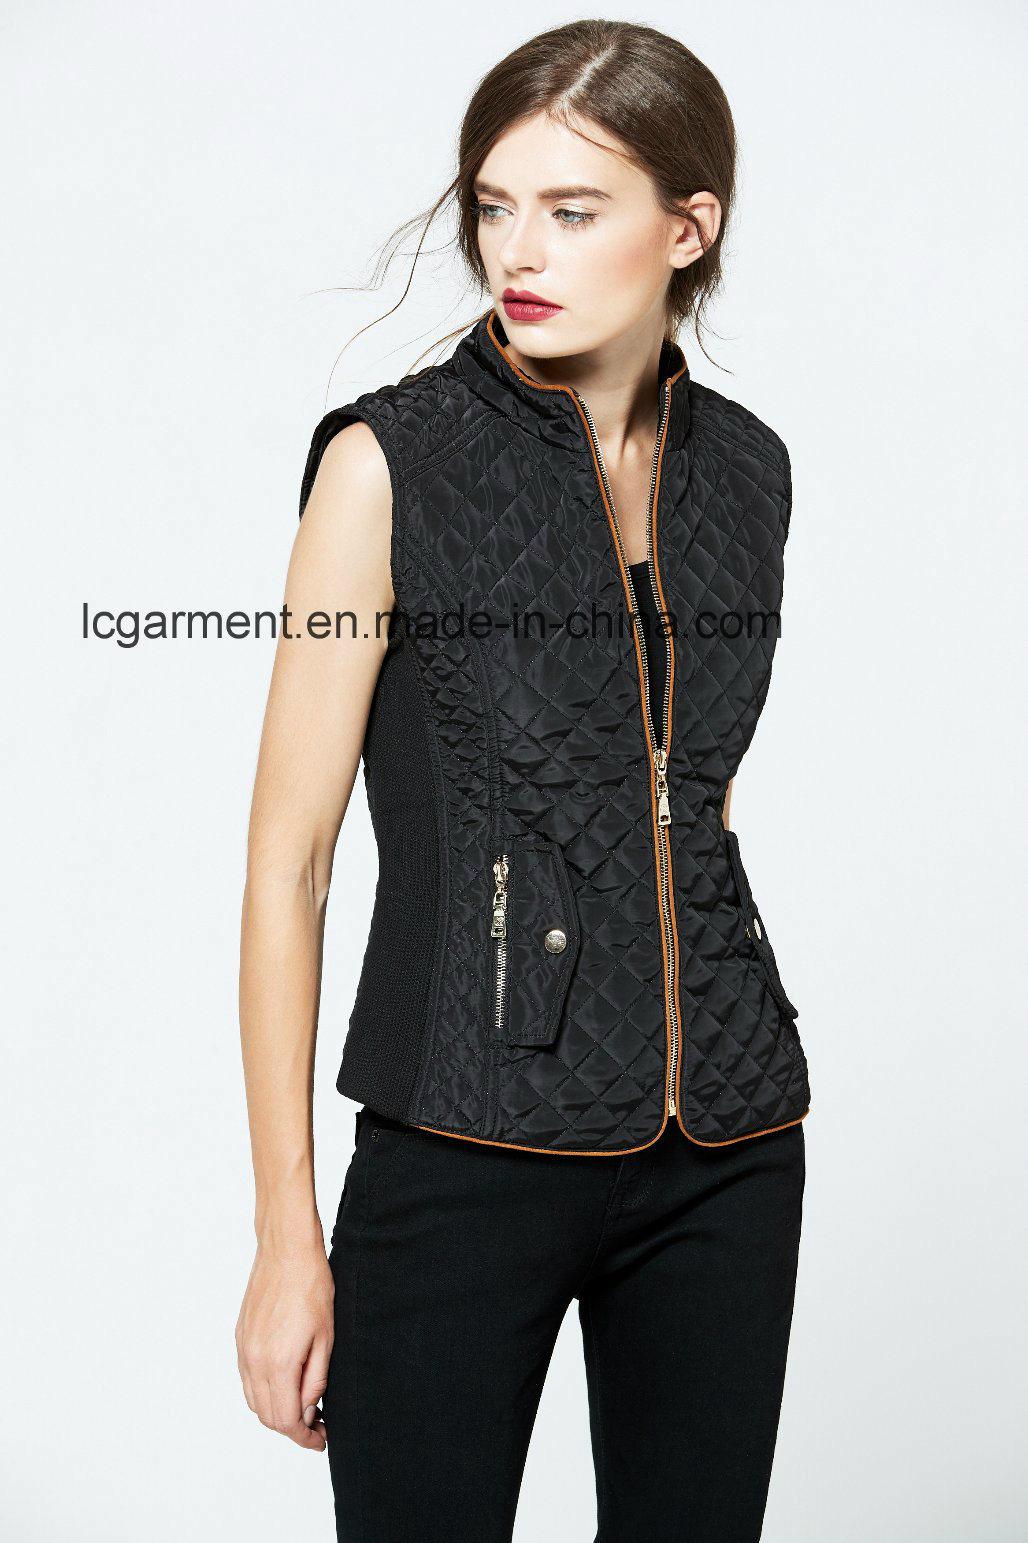 Gold Supplier 100% Polyester Fabrics Winter Zipper Waistcoat for Girls